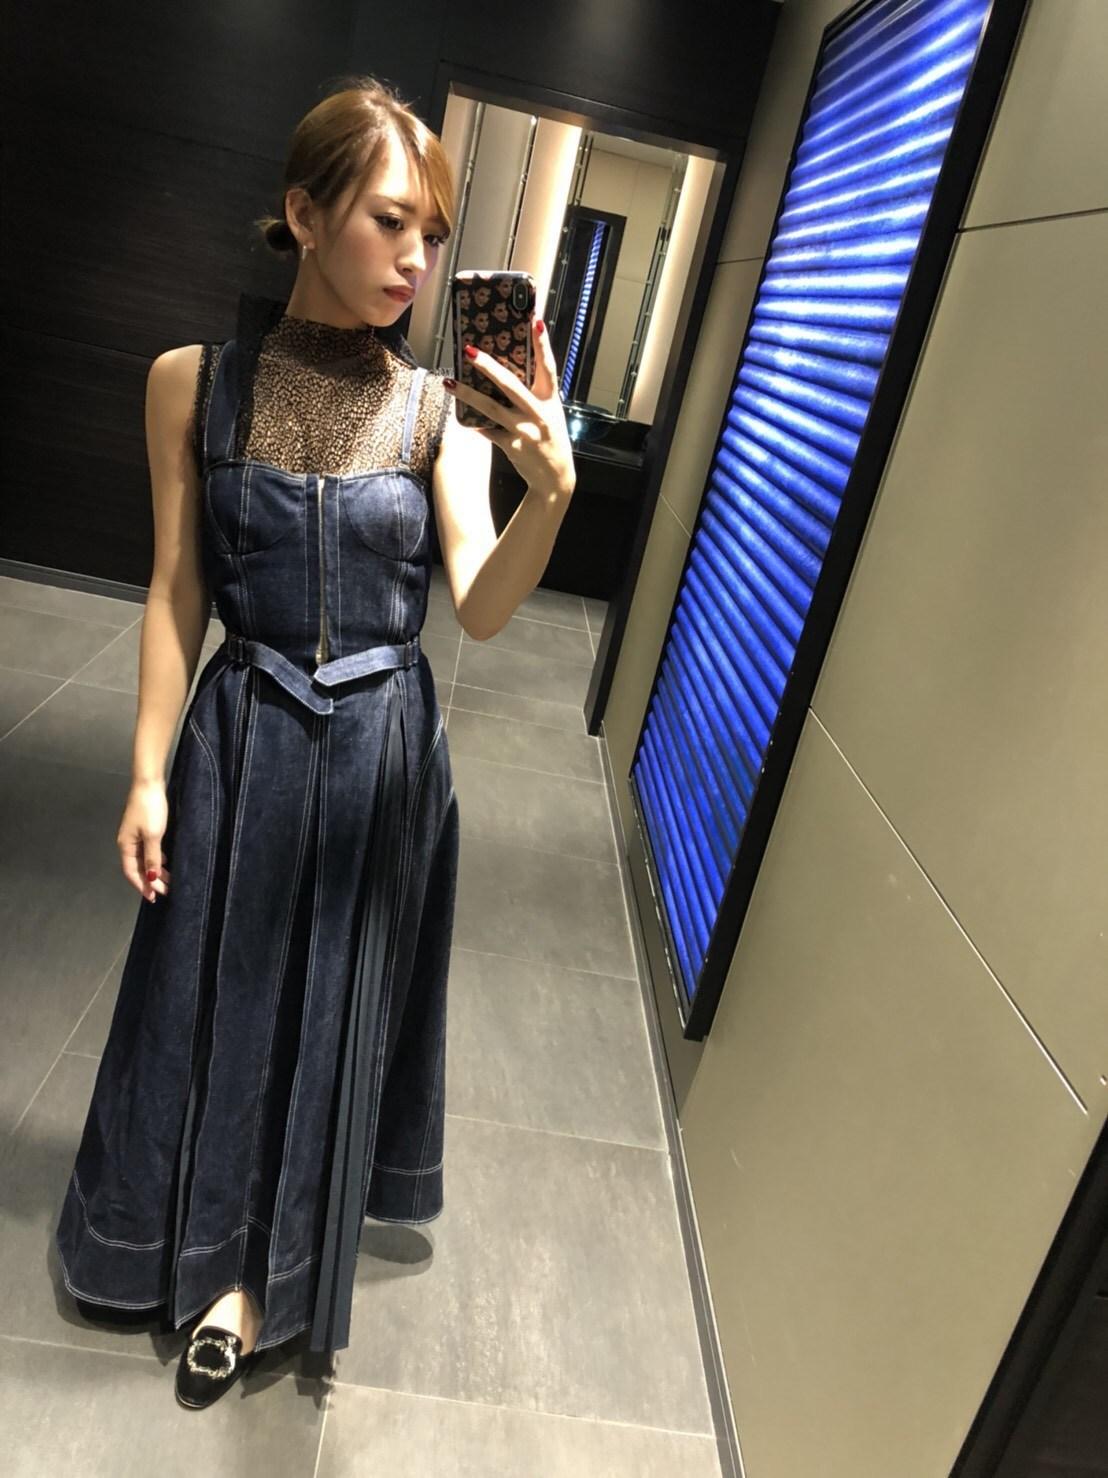 実業家の嫁、元アイドルの木下春奈さんのお金持ちぶりに羨望の眼差しに関する画像